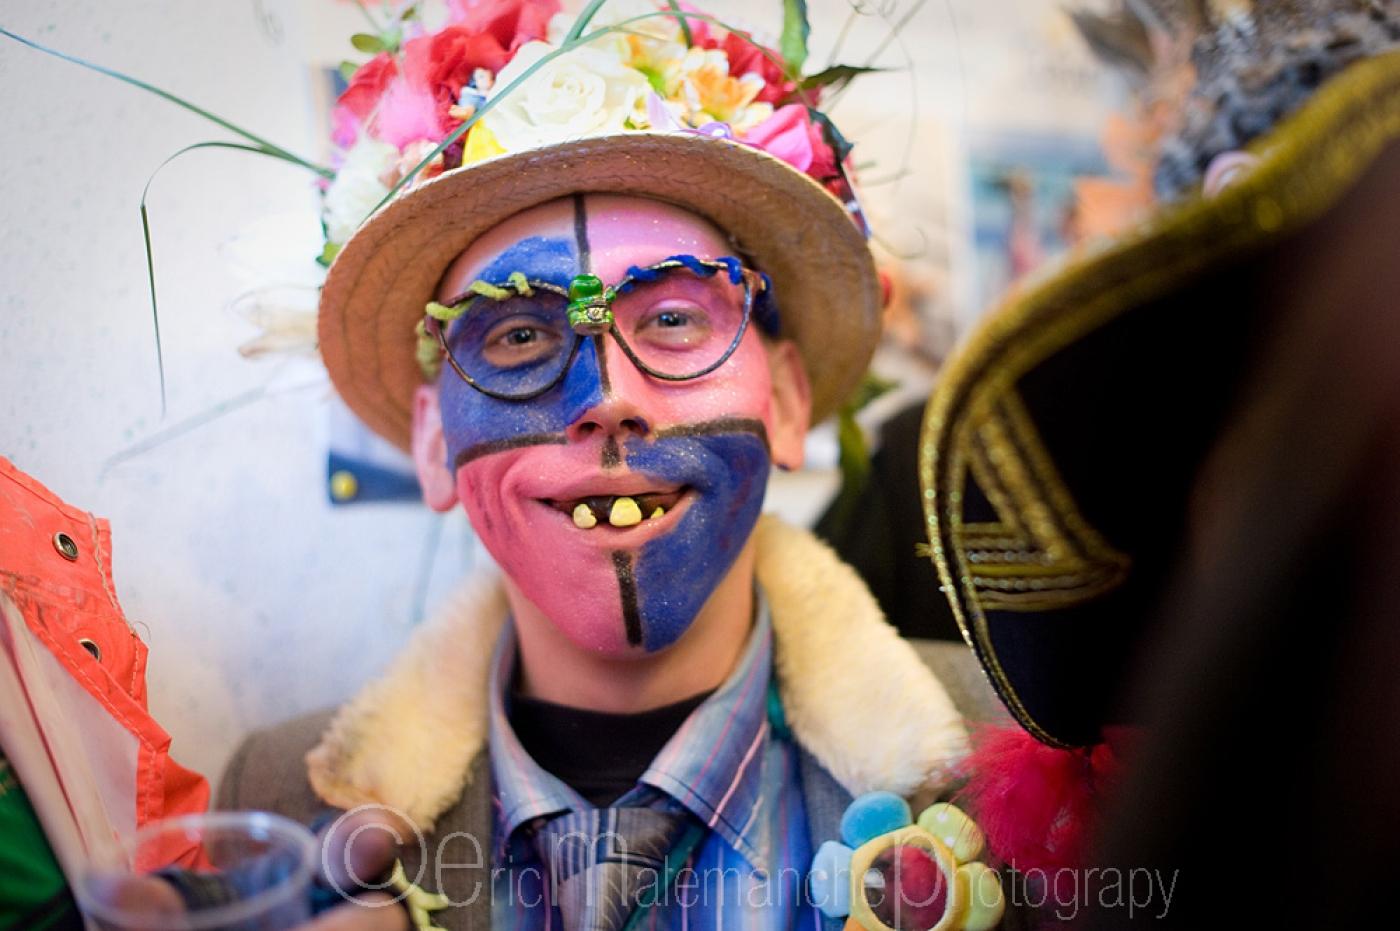 https://www.ericmalemanche.com/imagess/topics/carnaval-de-dunkerque/liste/Carnaval-Dunkerque-0311.jpg